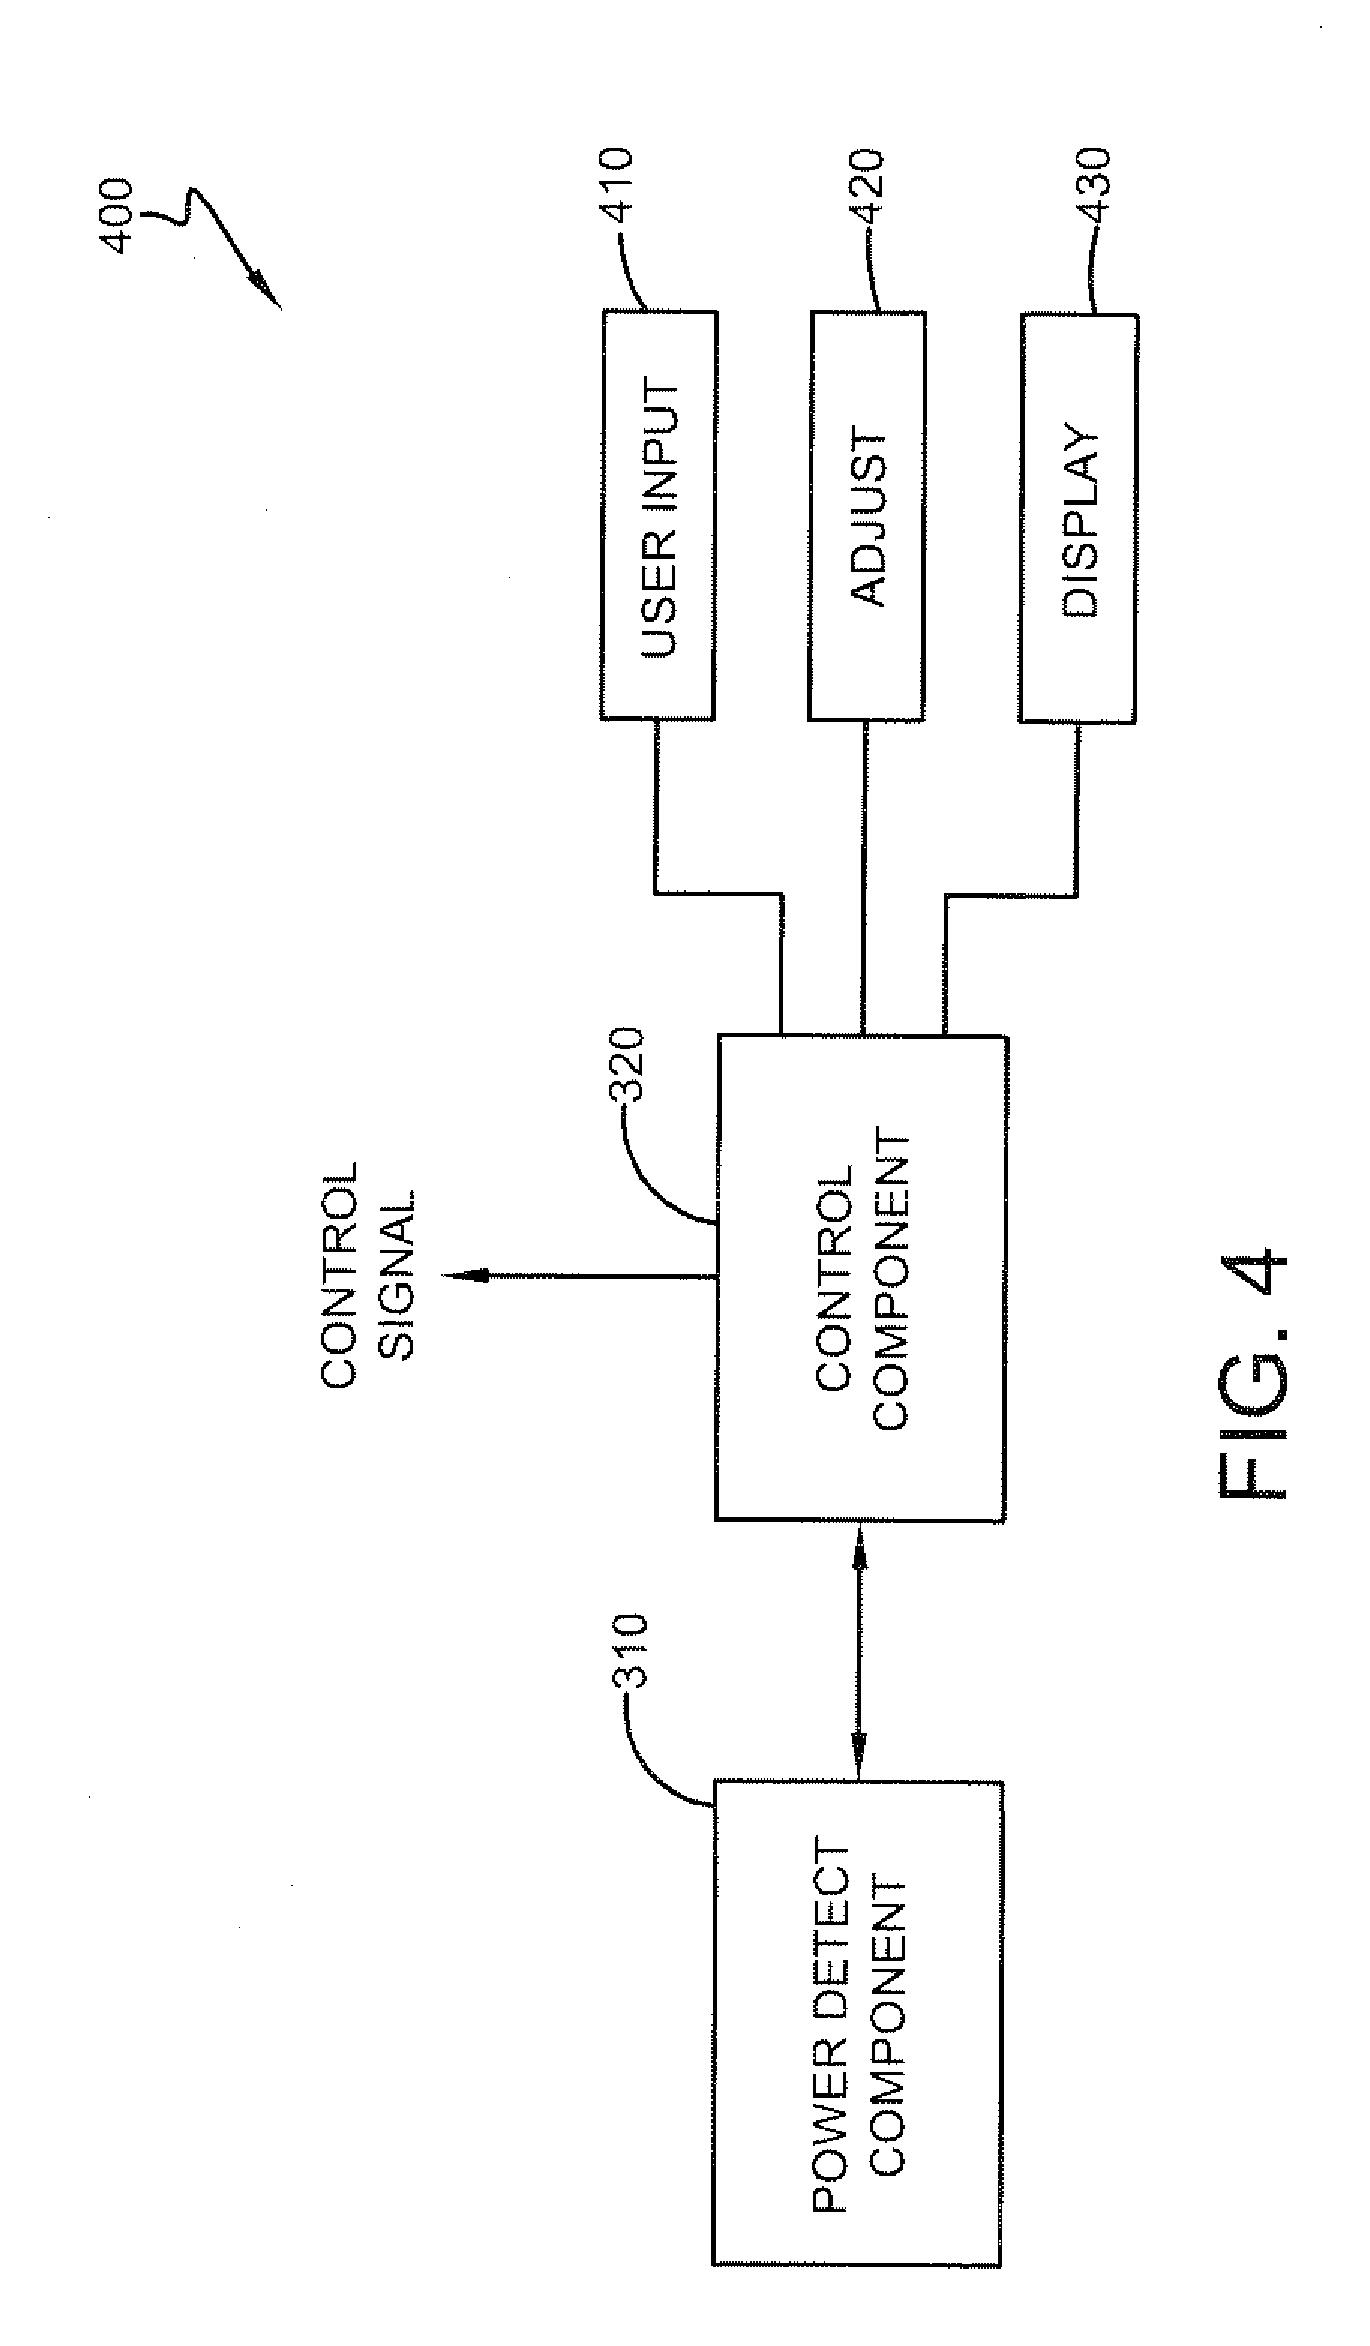 Vaporizer Wiring Diagram : 24 Wiring Diagram Images